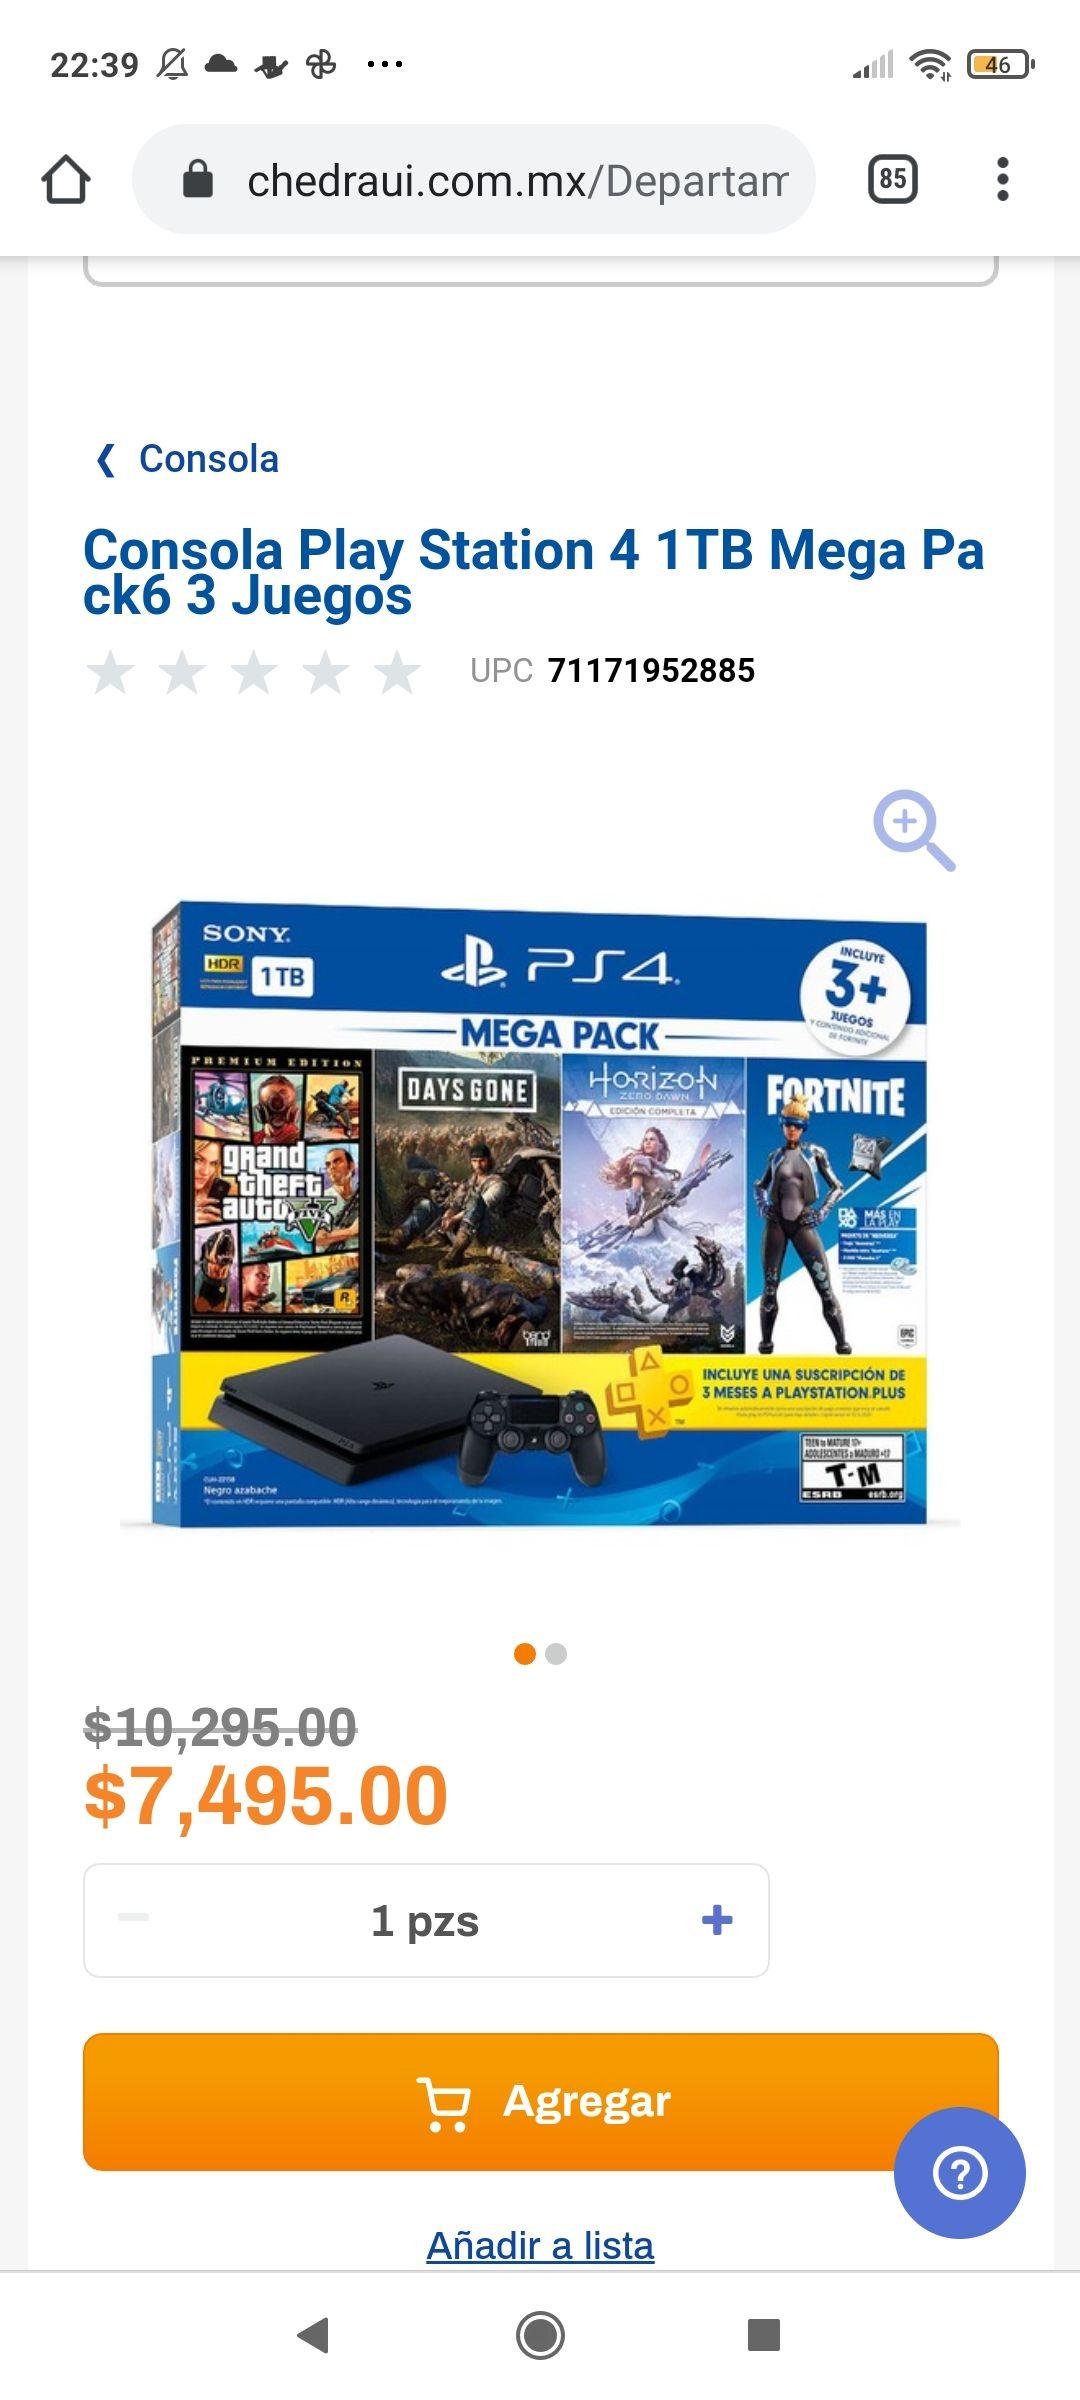 Chedraui: Consola Play Station 4 1TB Mega Pack6 3 Juegos